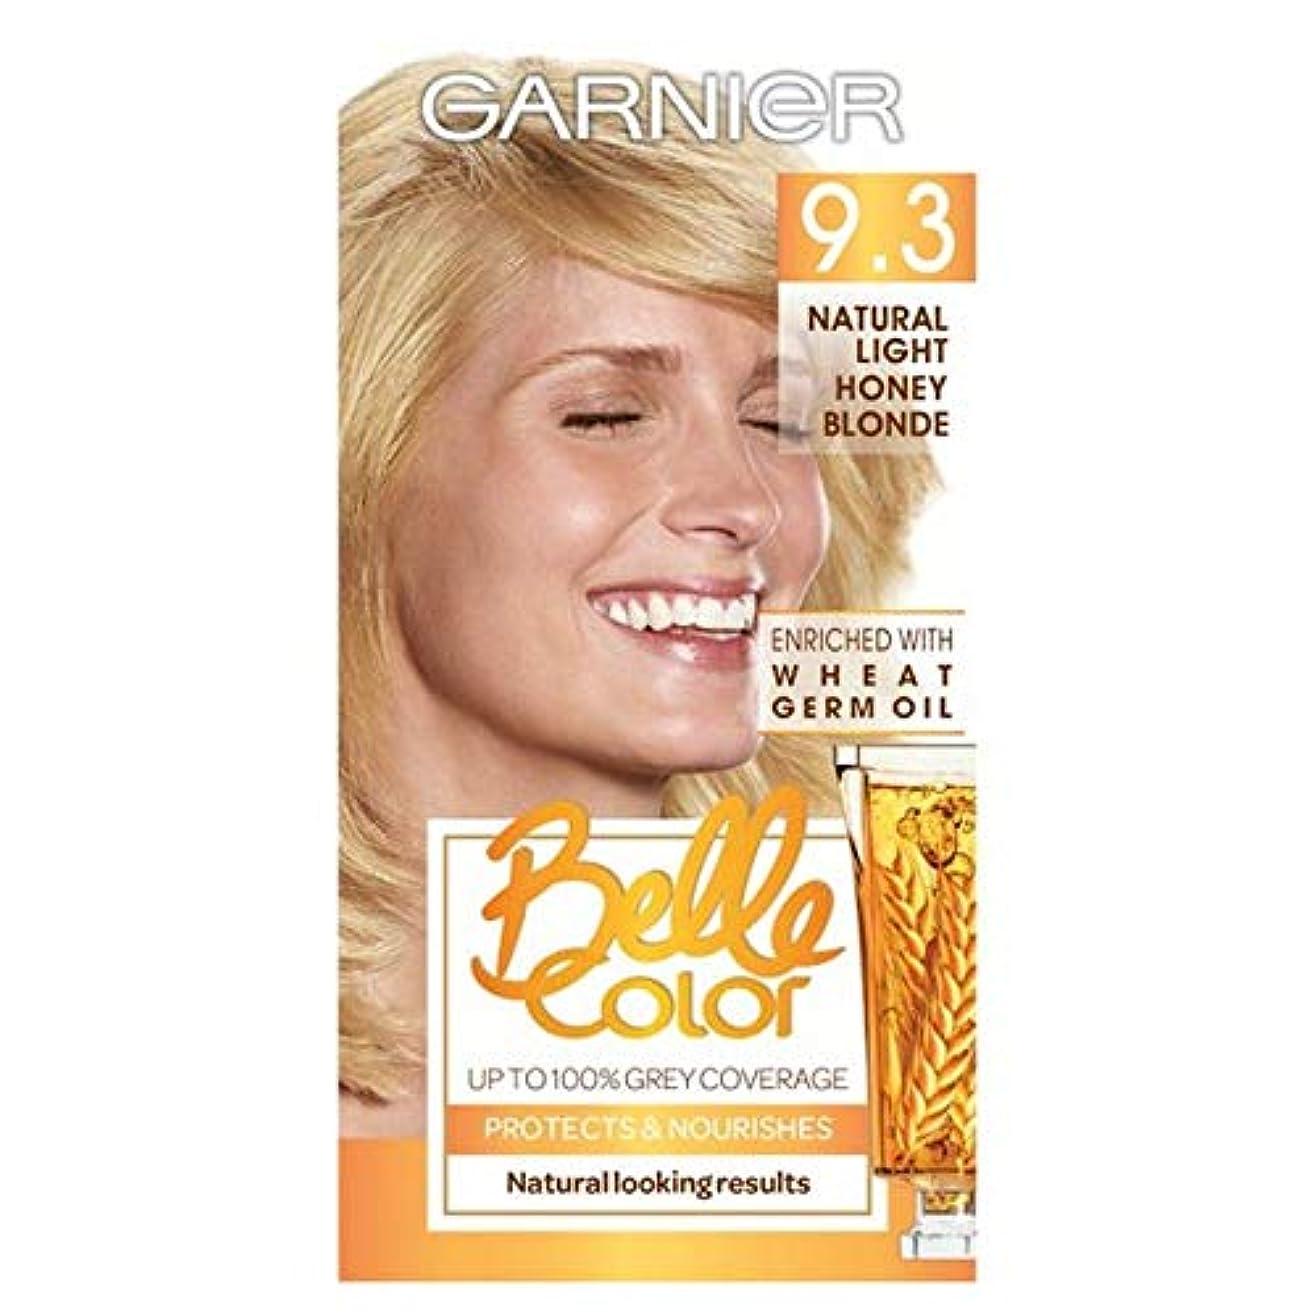 傷跡ランチポール[Belle Color] ガーン/ベル/Clr 9.3自然光の蜂蜜ブロンドパーマネントヘアダイ - Garn/Bel/Clr 9.3 Natural Light Honey Blonde Permanent Hair...